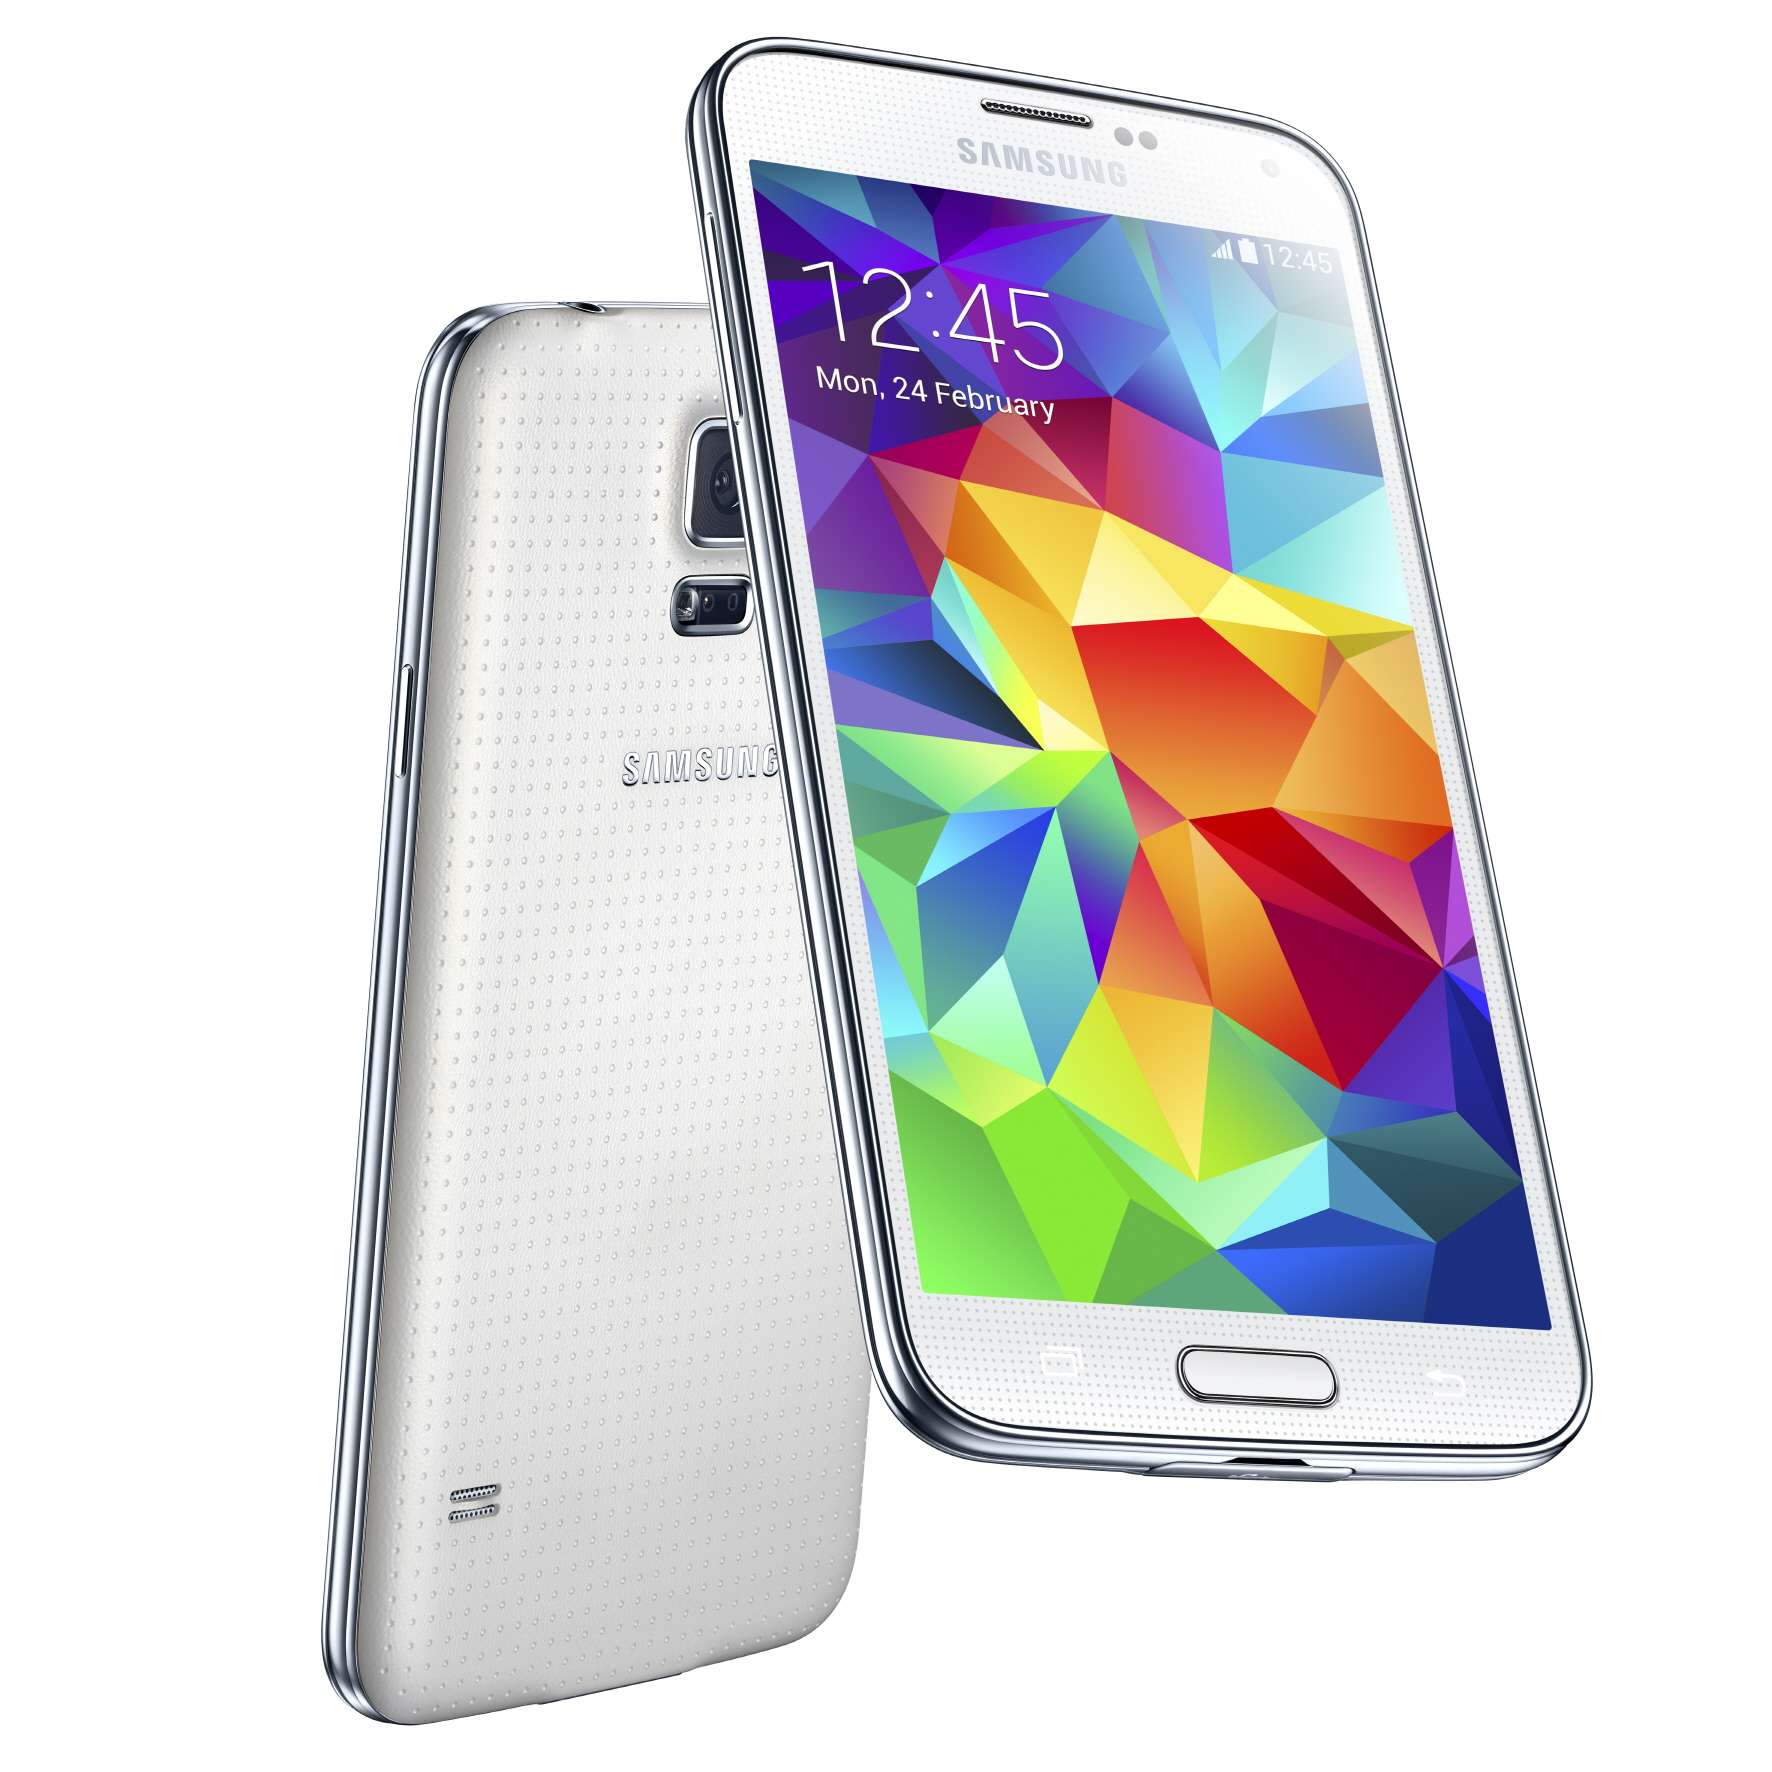 Galaxy S5 Beyaz 01